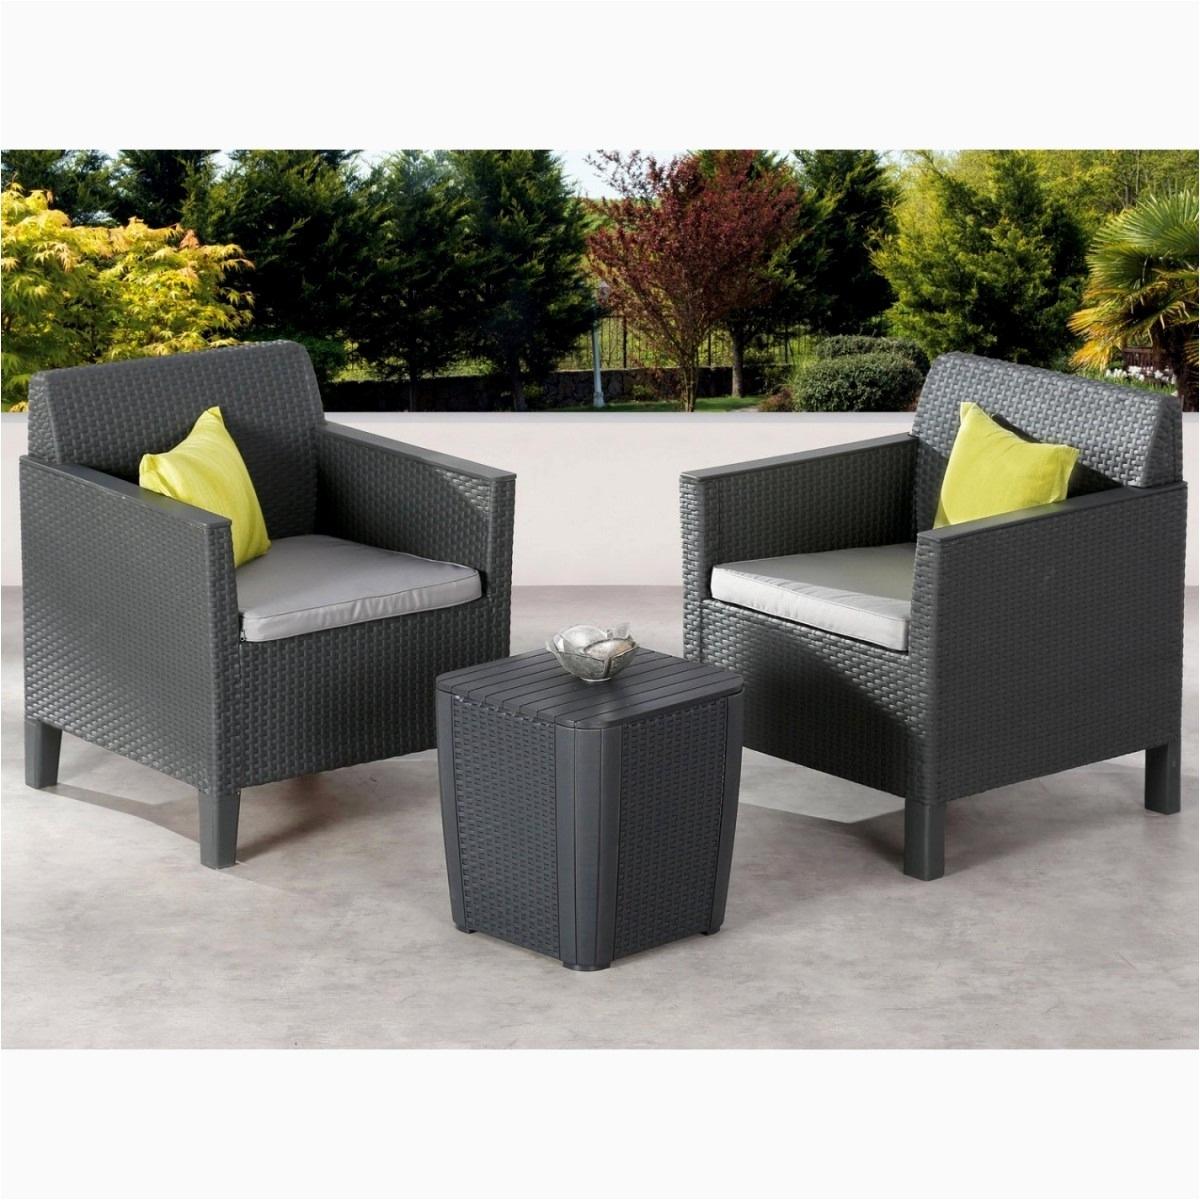 Table Pliante Carrefour Impressionnant Photos Les 22 Meilleur Table Et Chaise Pliante S